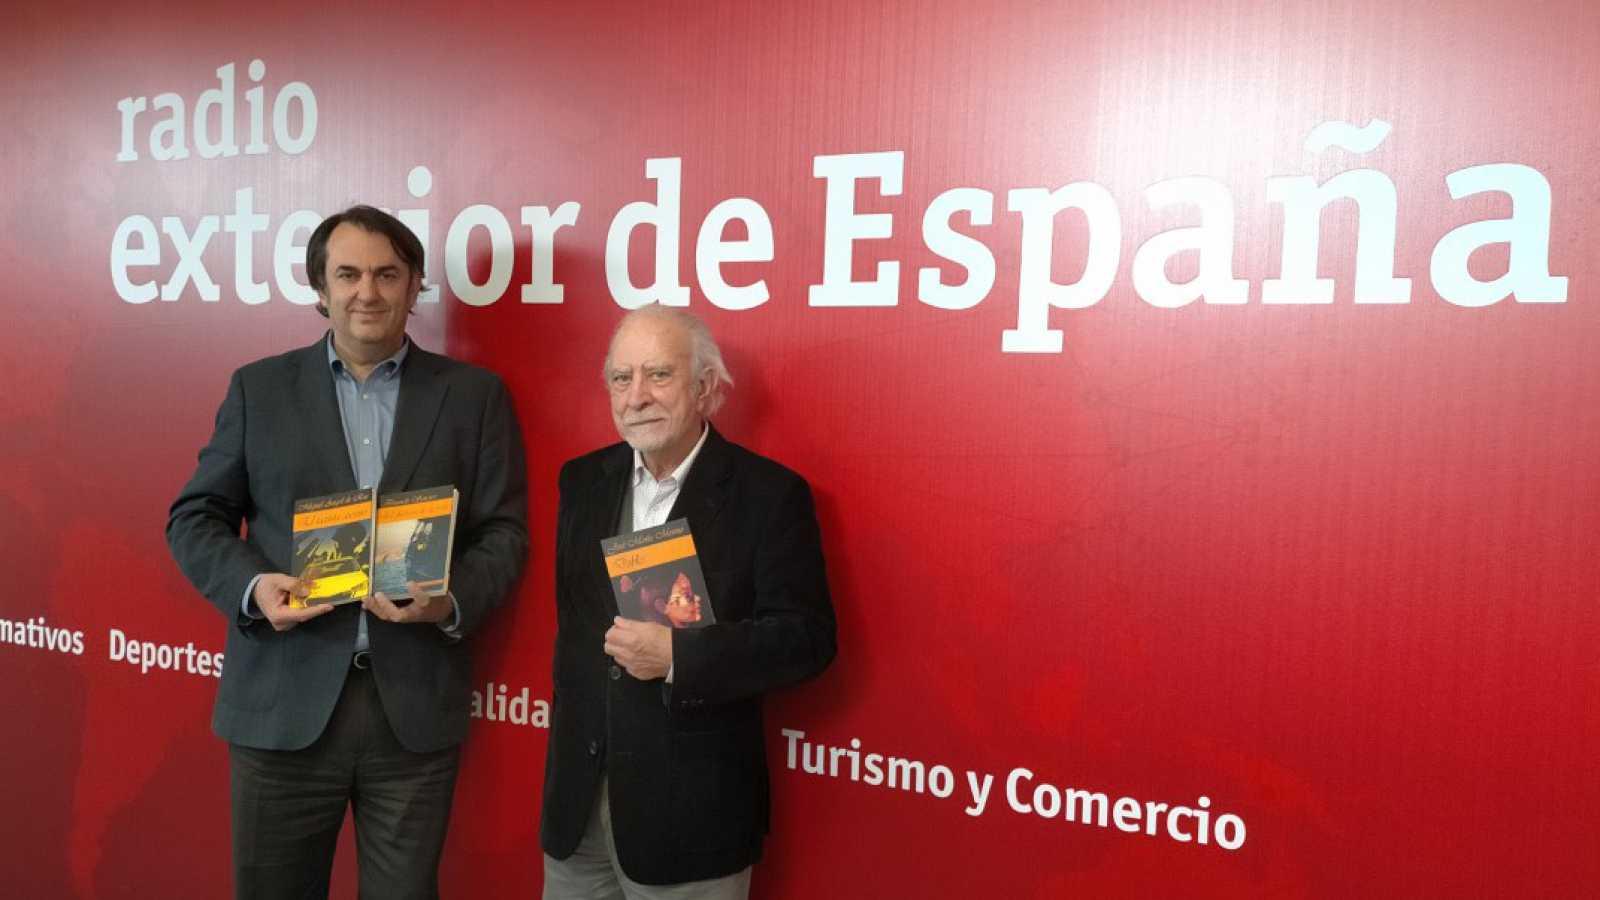 Hora América - Fernando Savater y José María Merino en el Día Internacional del Libro - 21/04/21 - escuchar ahora